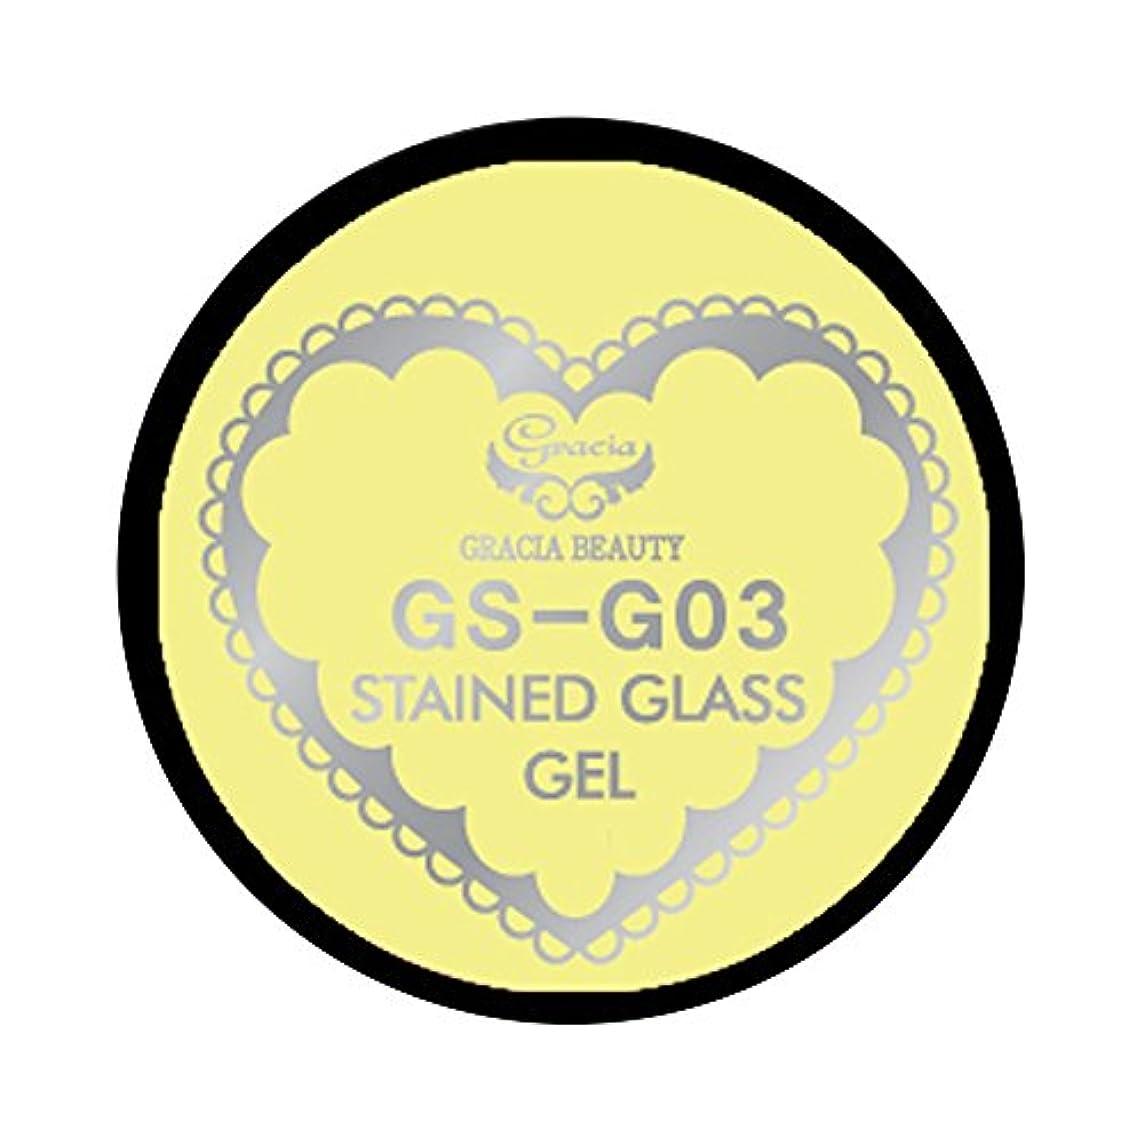 混乱肺紳士気取りの、きざなグラシア ジェルネイル ステンドグラスジェル GSM-G03 3g  グリッター UV/LED対応 カラージェル ソークオフジェル ガラスのような透明感